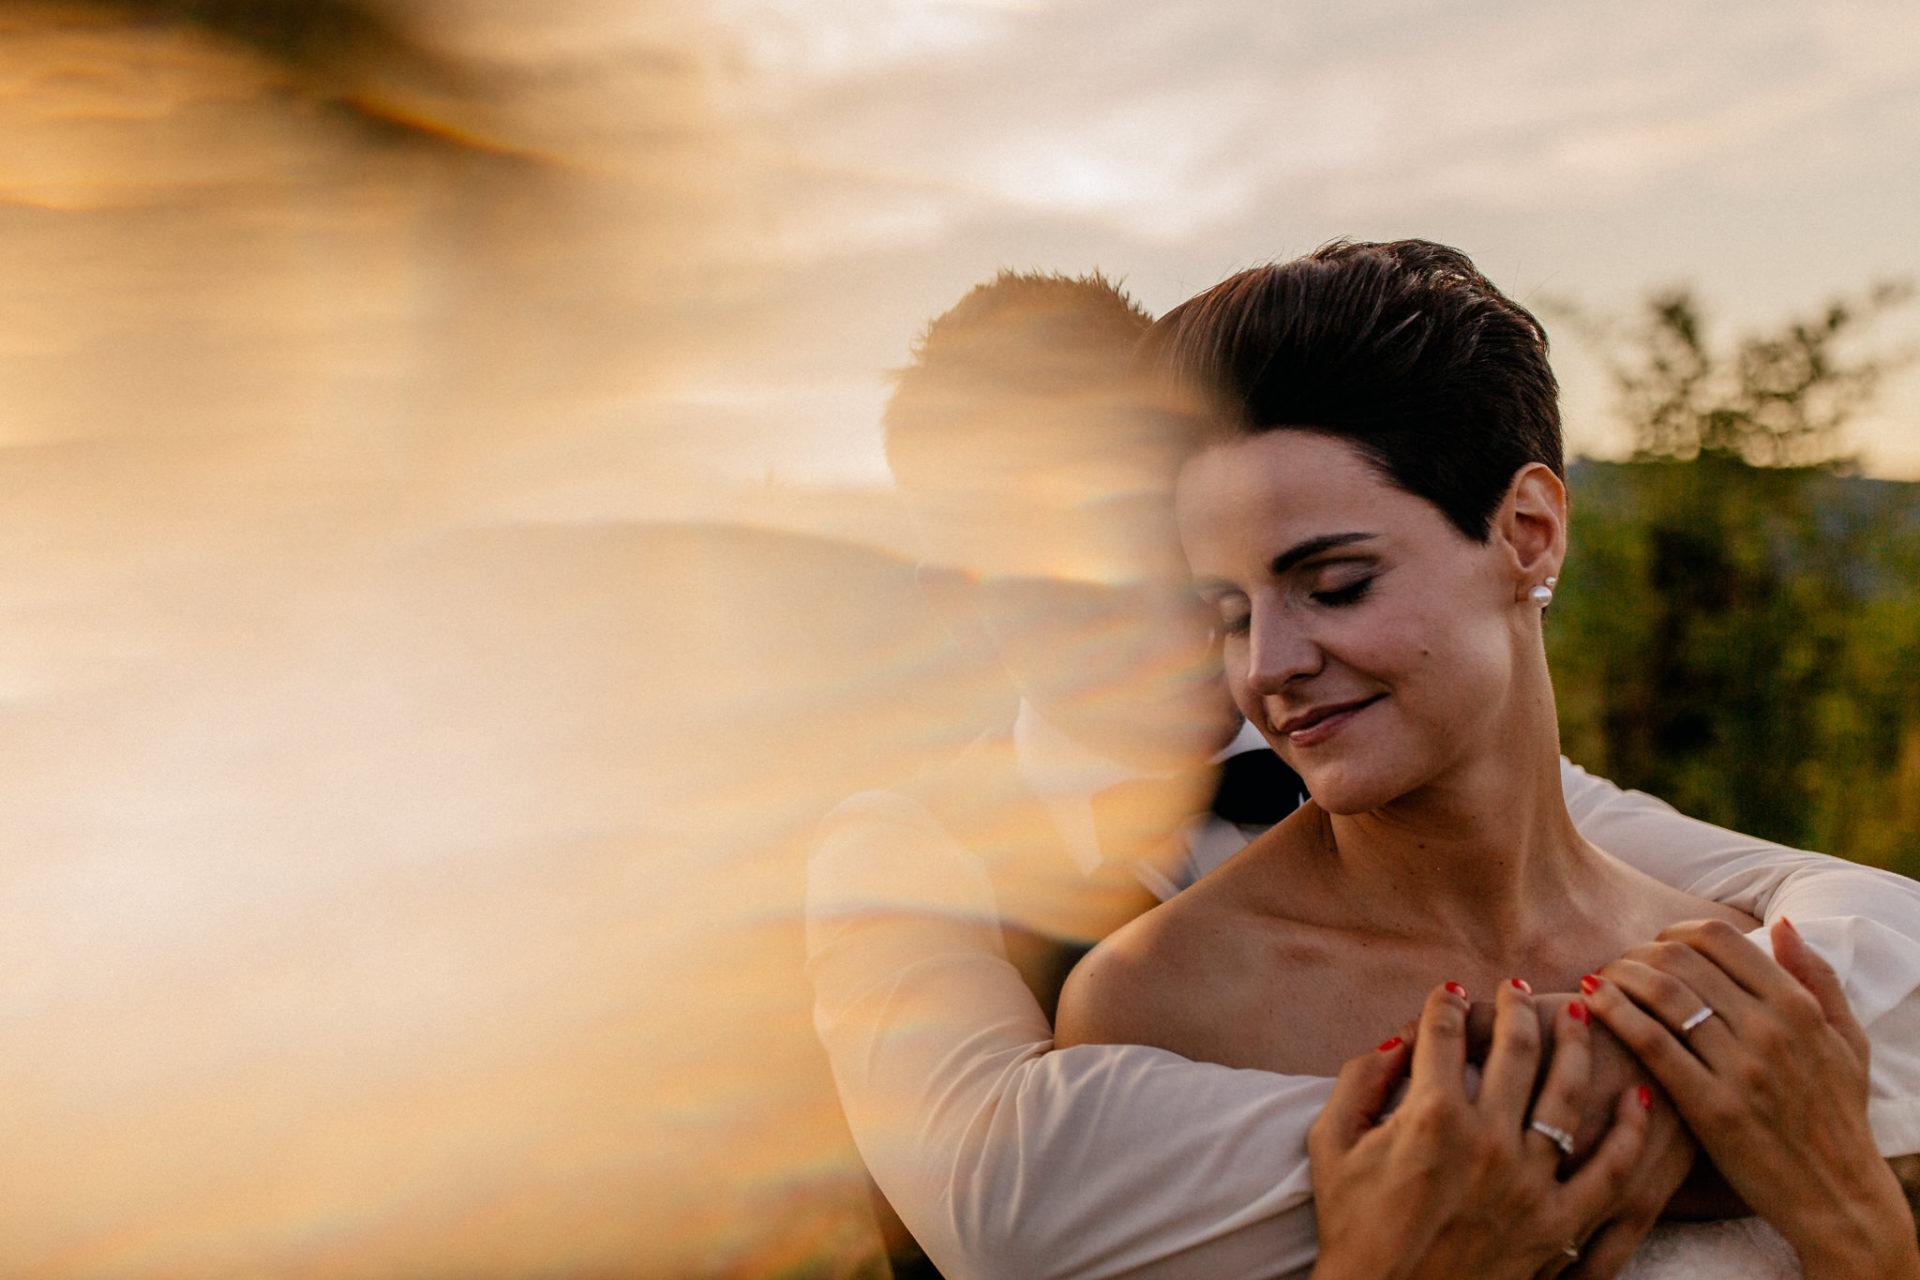 Weingut Fitz Ritter Hochzeitsfotograf-heiraten Pfalz-Sommerhochzeit Braut Bräutigam Sonnenuntergang